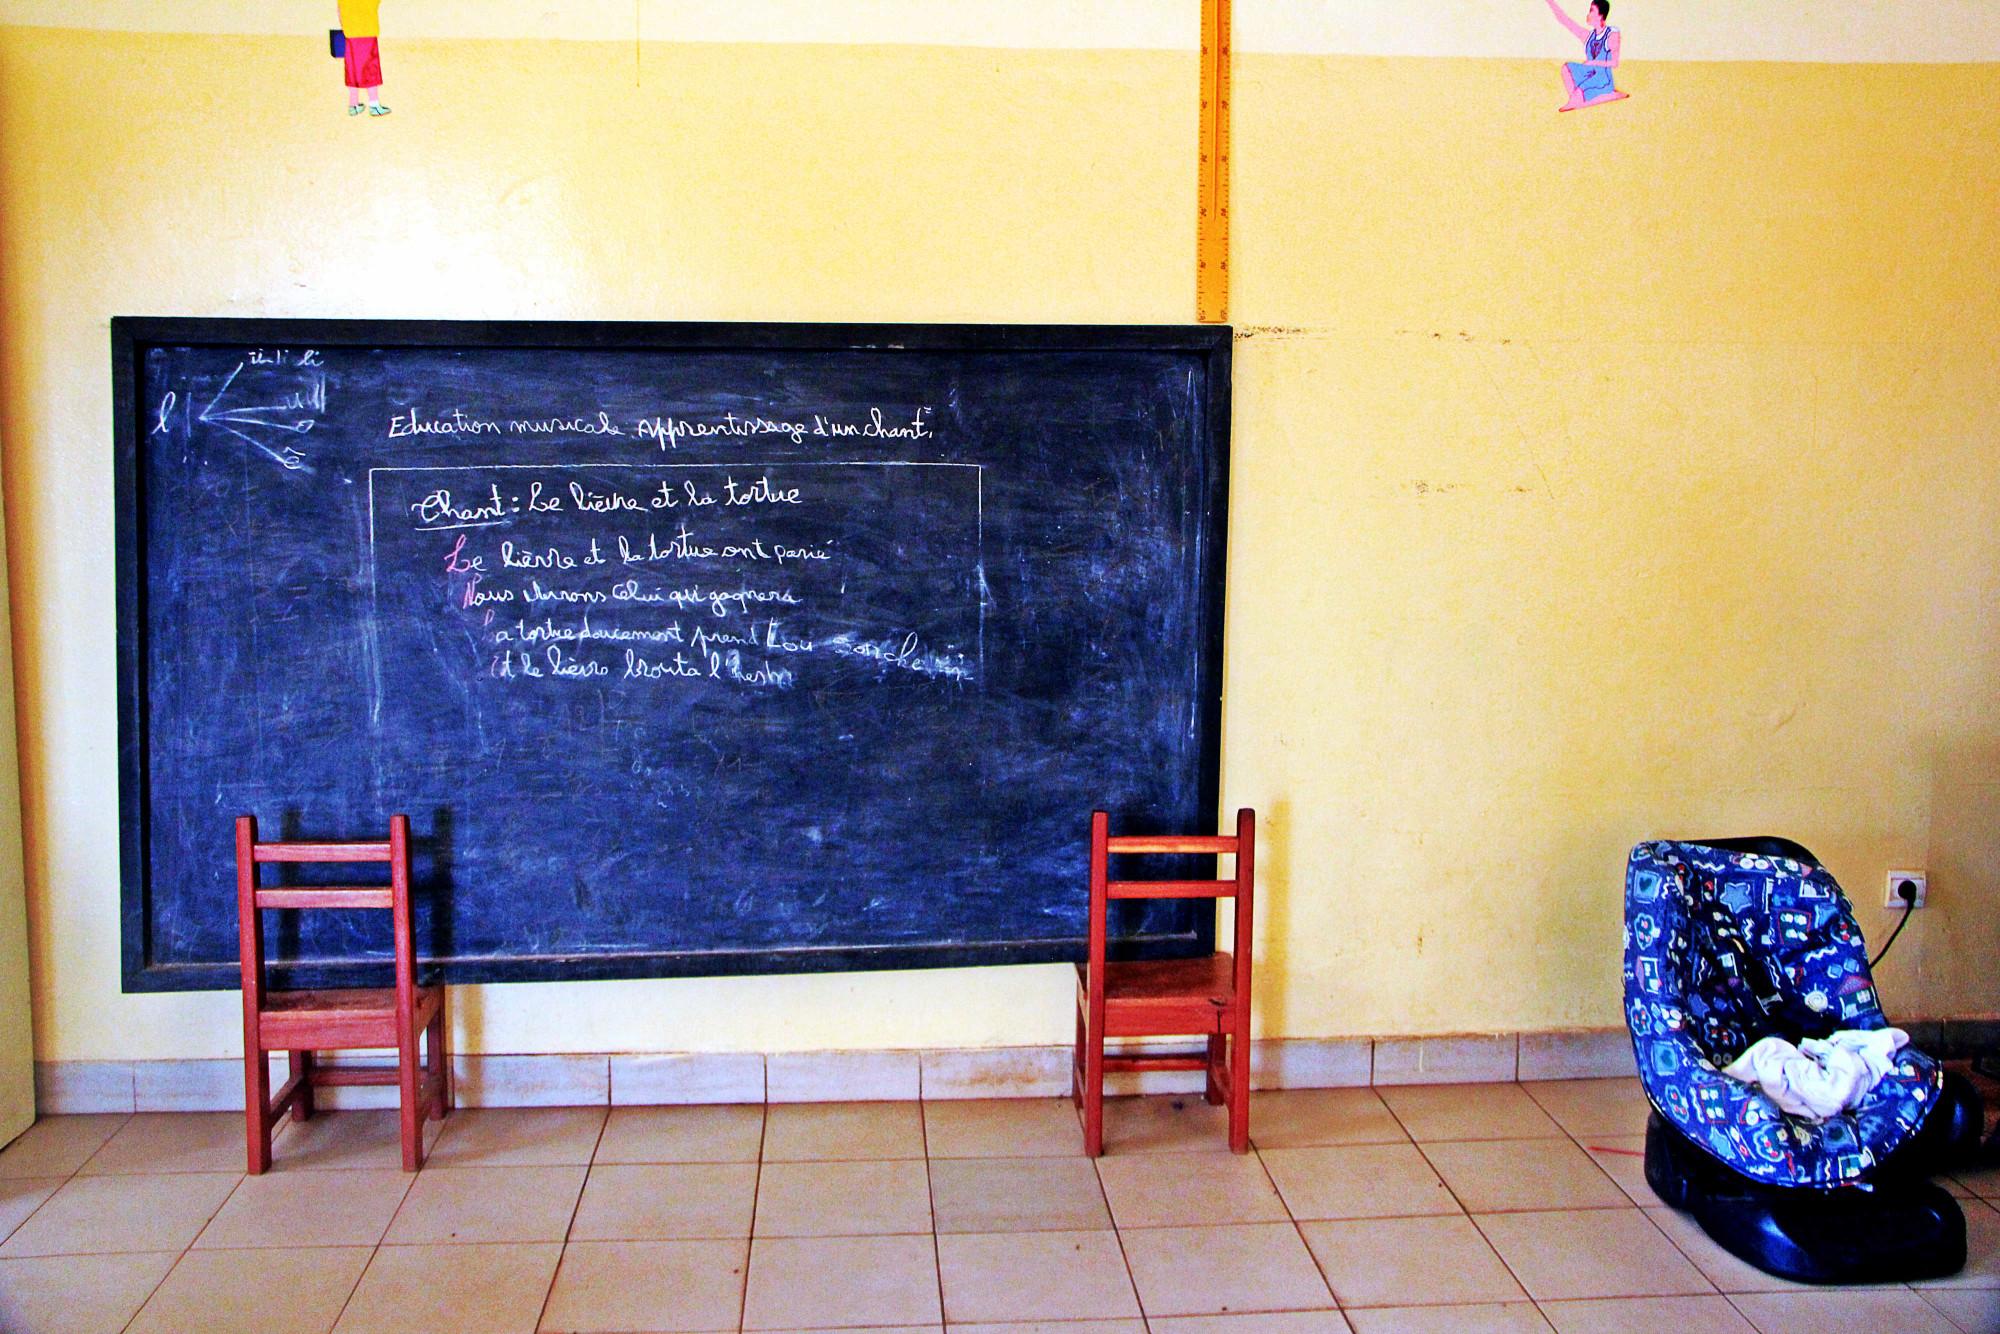 Ouagadogou, 2014 - Un orfanotrofio in città